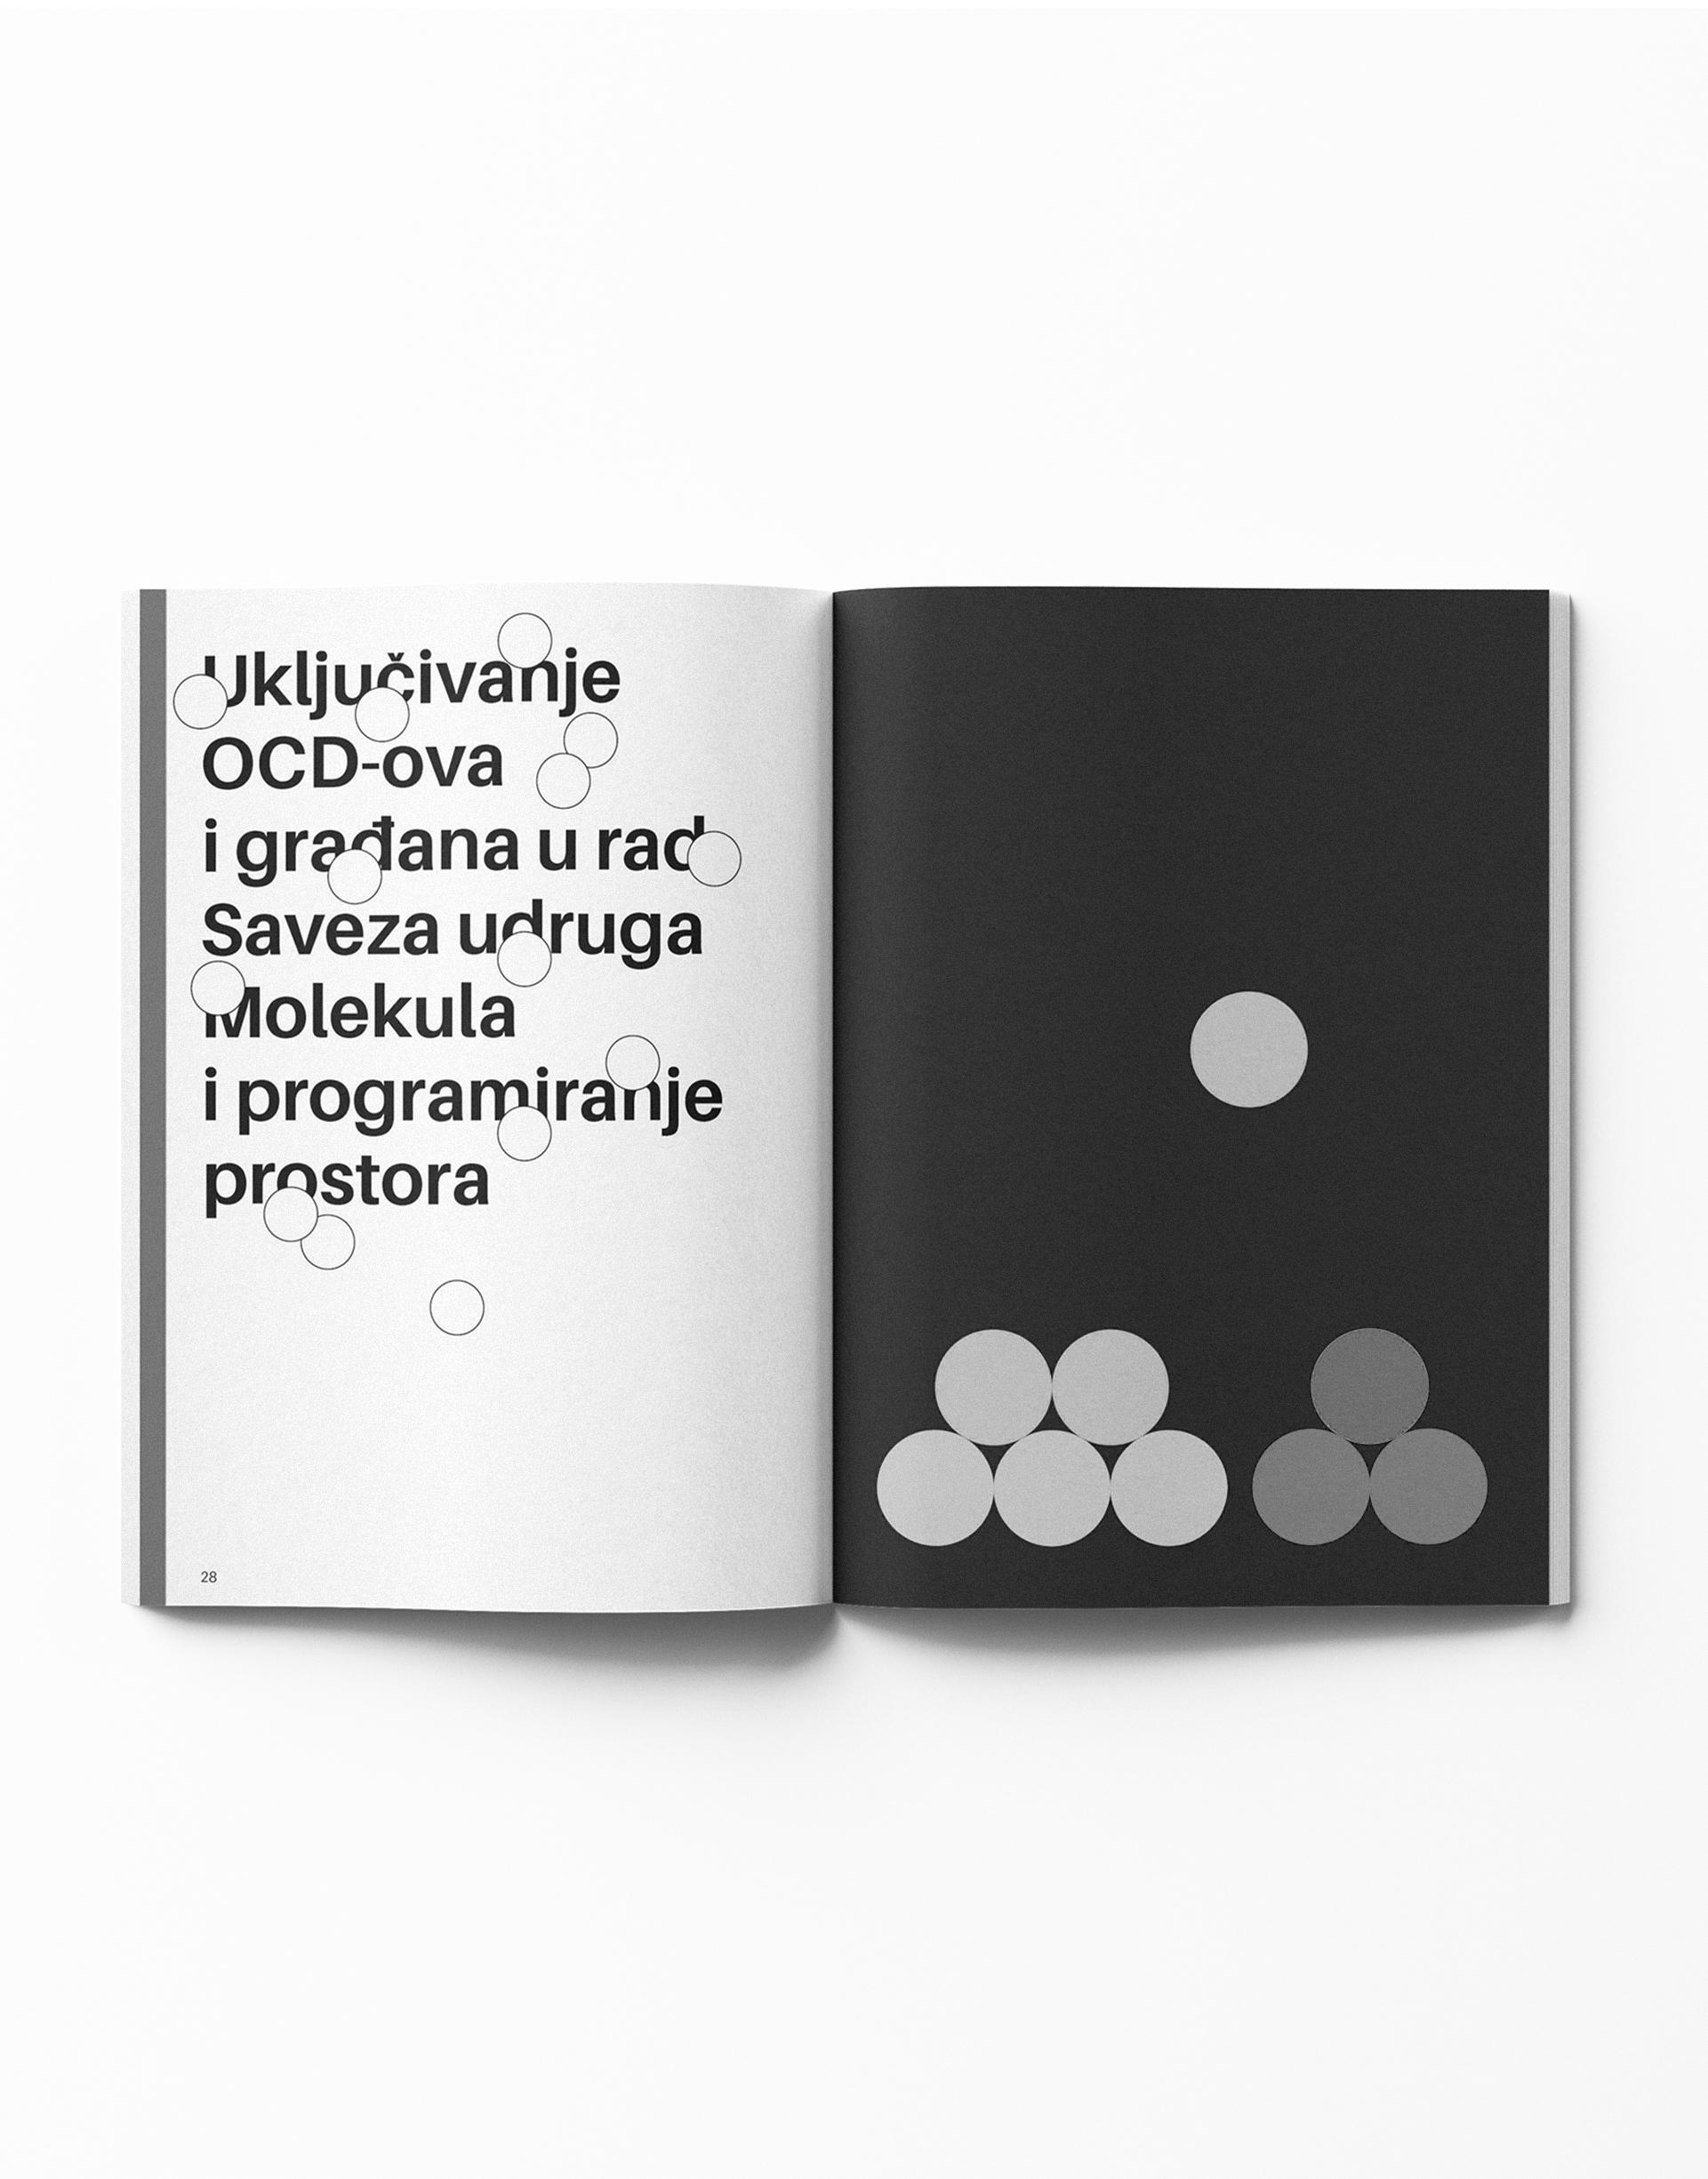 Žiroskop / Connexion Publication